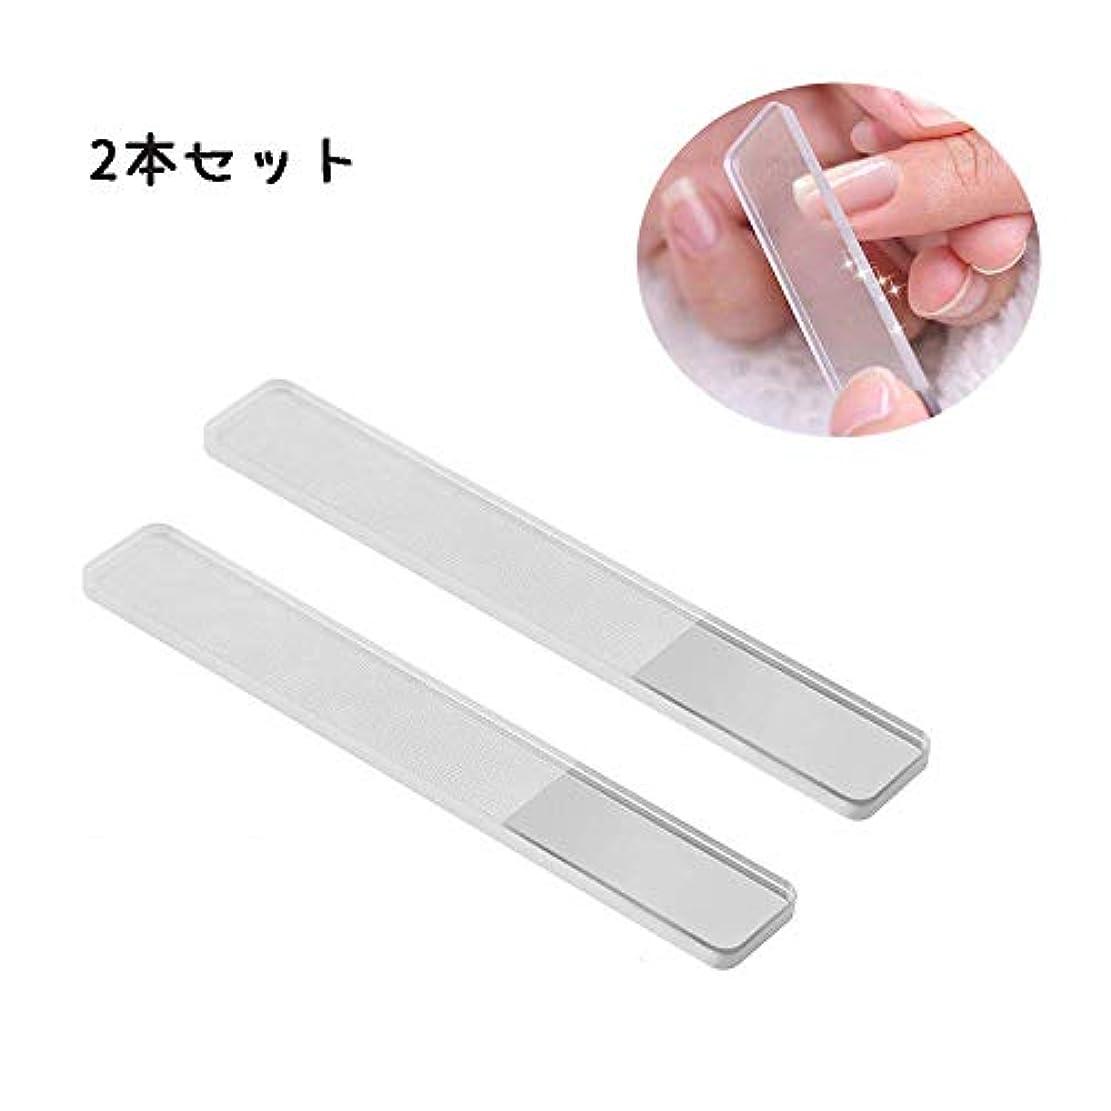 透けて見える聴く未払い爪やすり ガラス 爪磨き ガラス製 ネイルシャイナー ピカピカ ネイルケア ナノ技術が生んだ全く新しい 甘皮処理 携帯便利 収納ケース付き 2本 セット (2pcs)